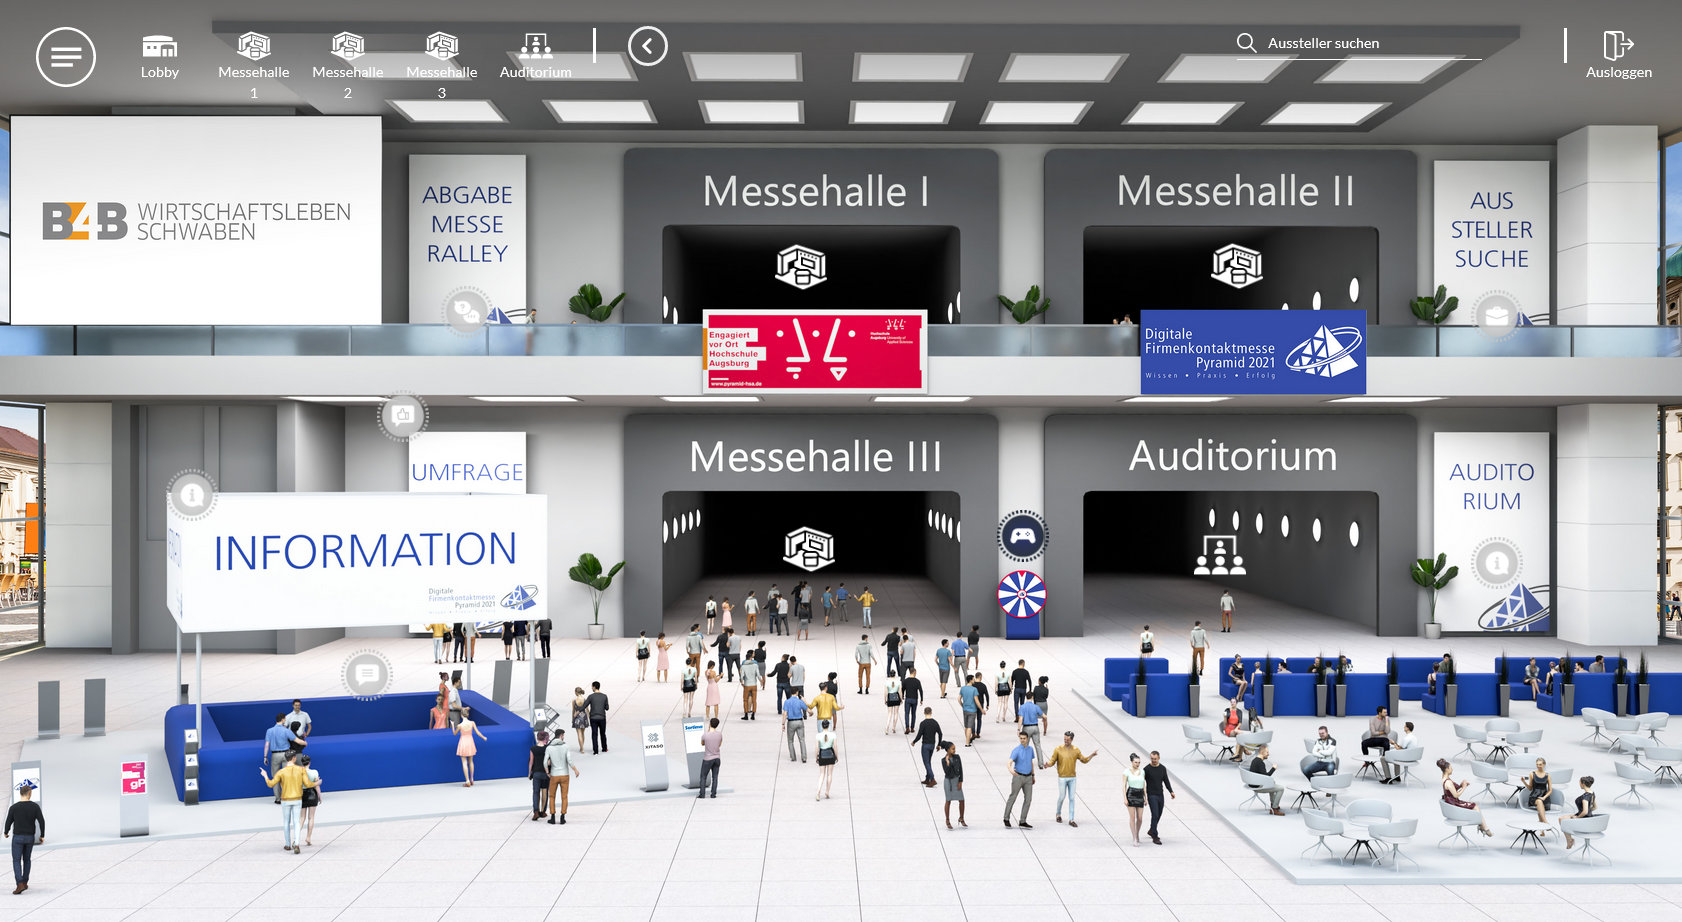 Eingangshalle der Firmenkontaktmesse Pyramid